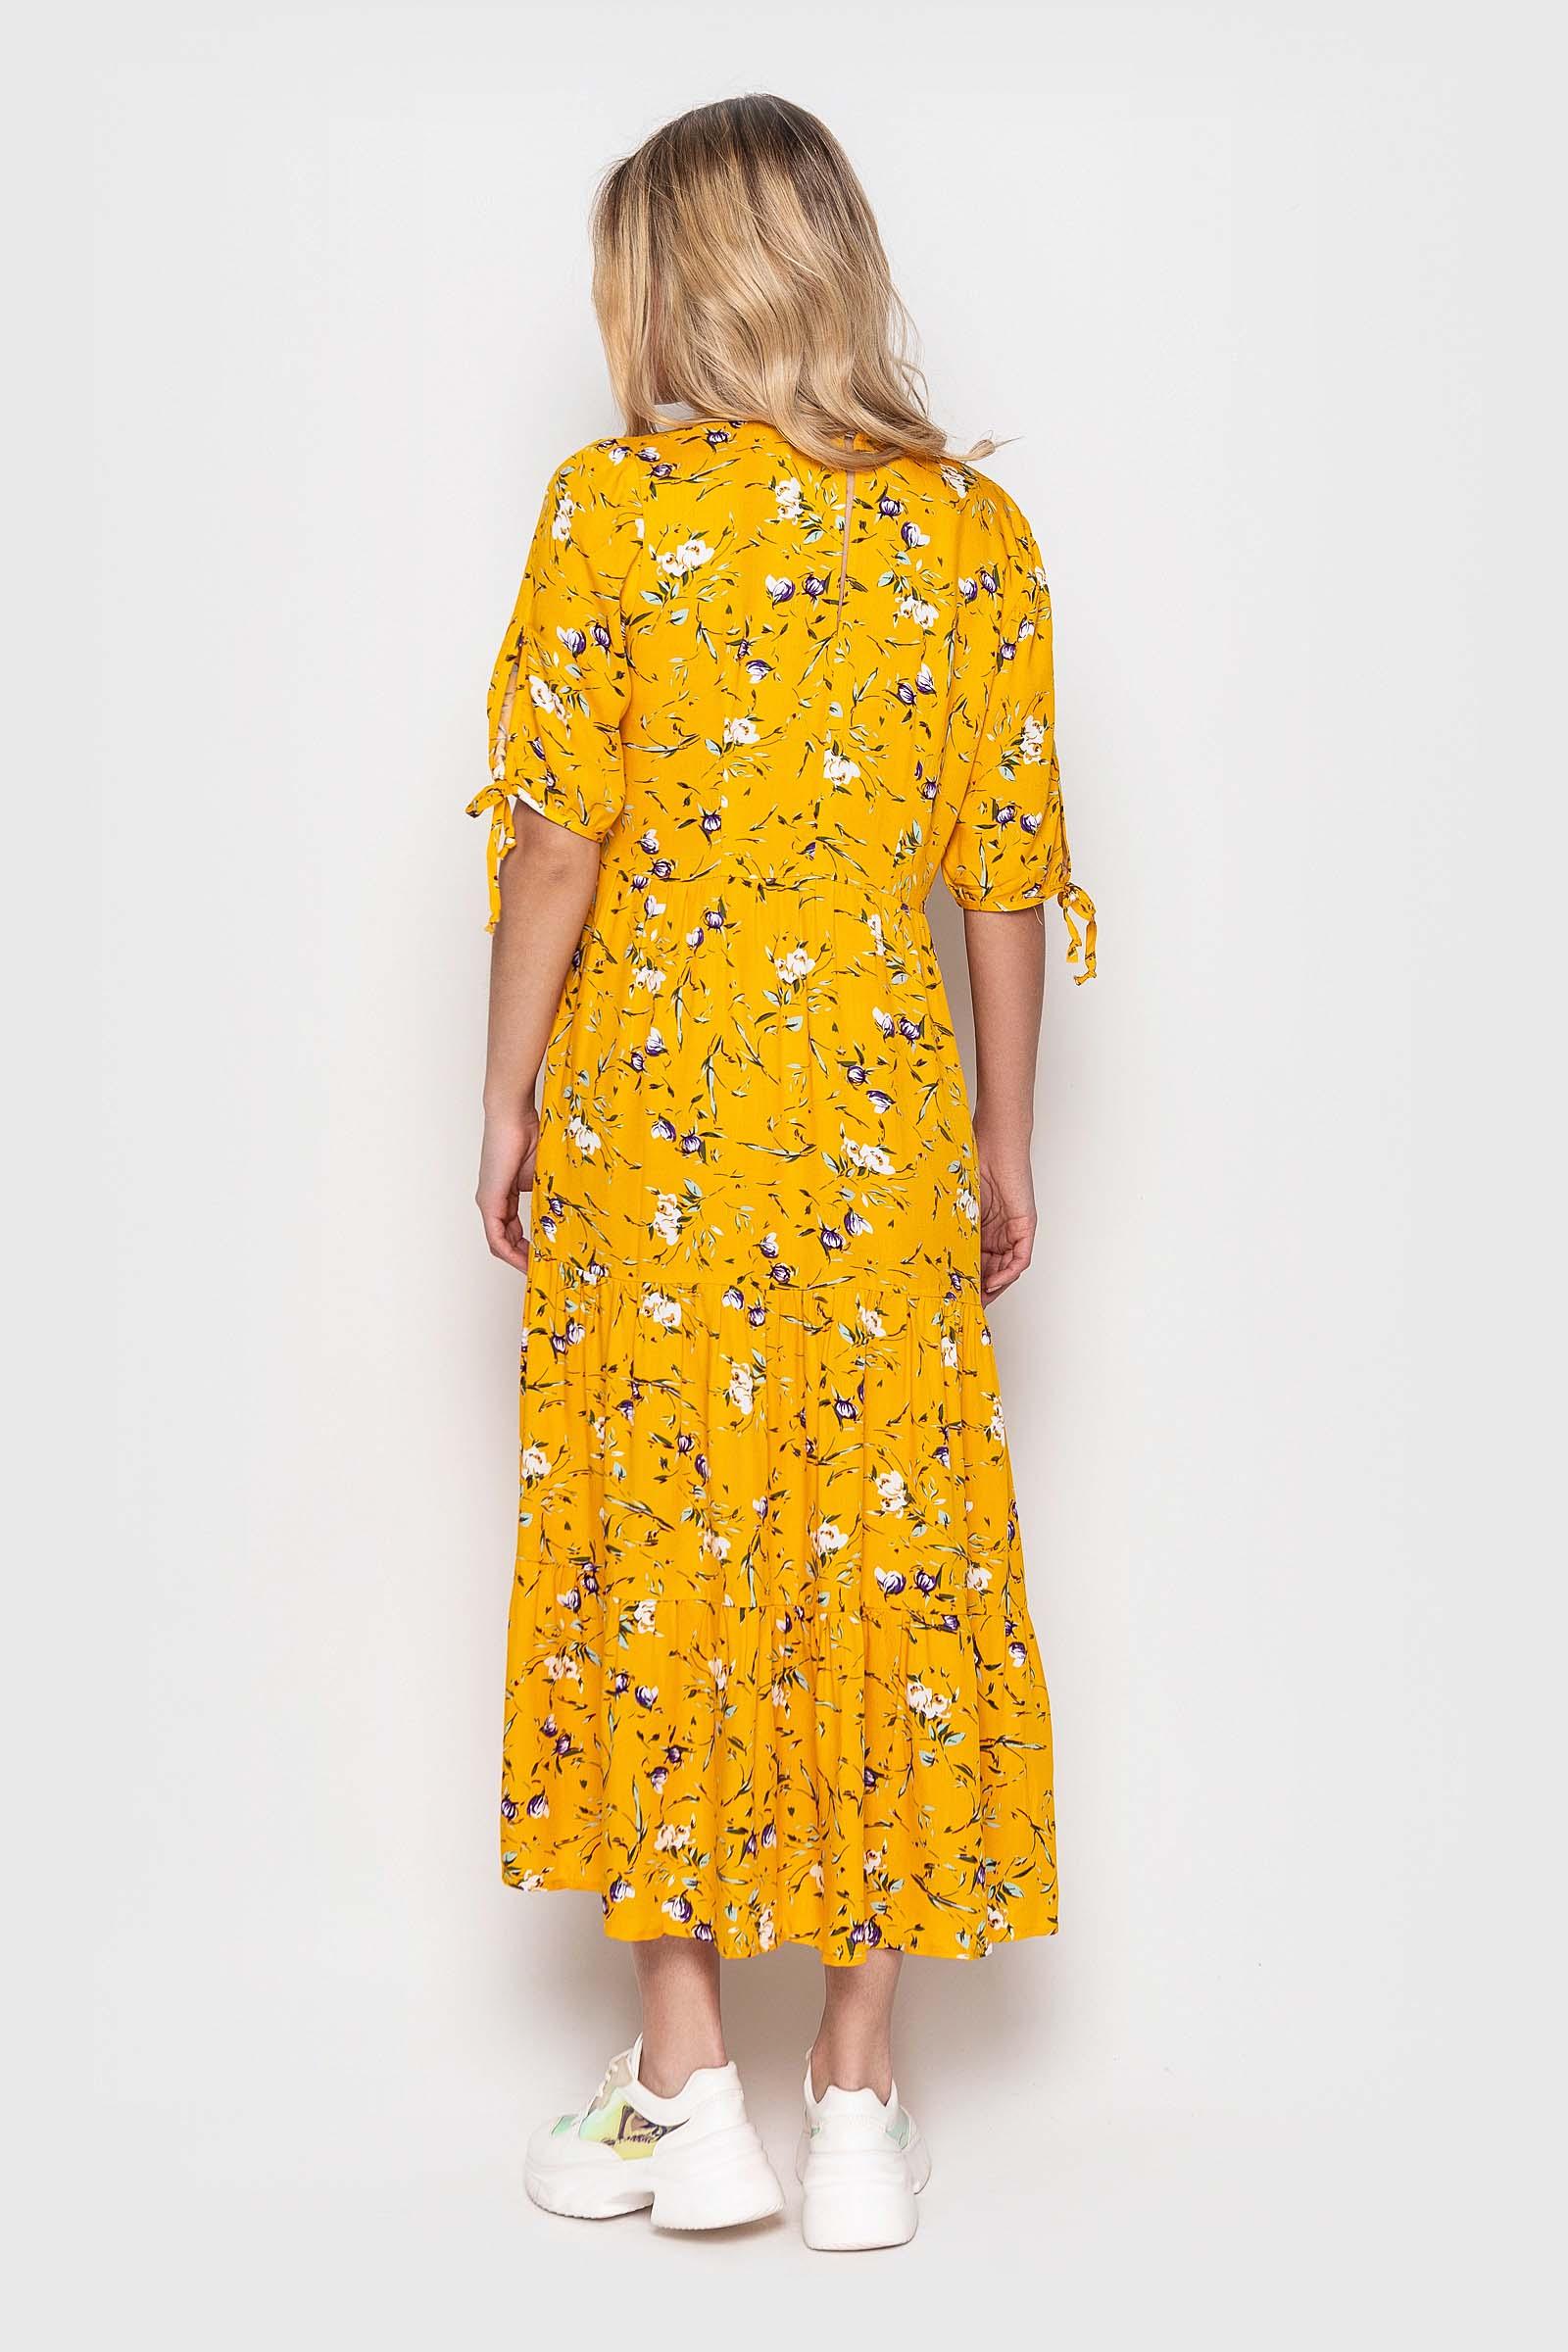 2021 04 10 poltava31924 Купить платье